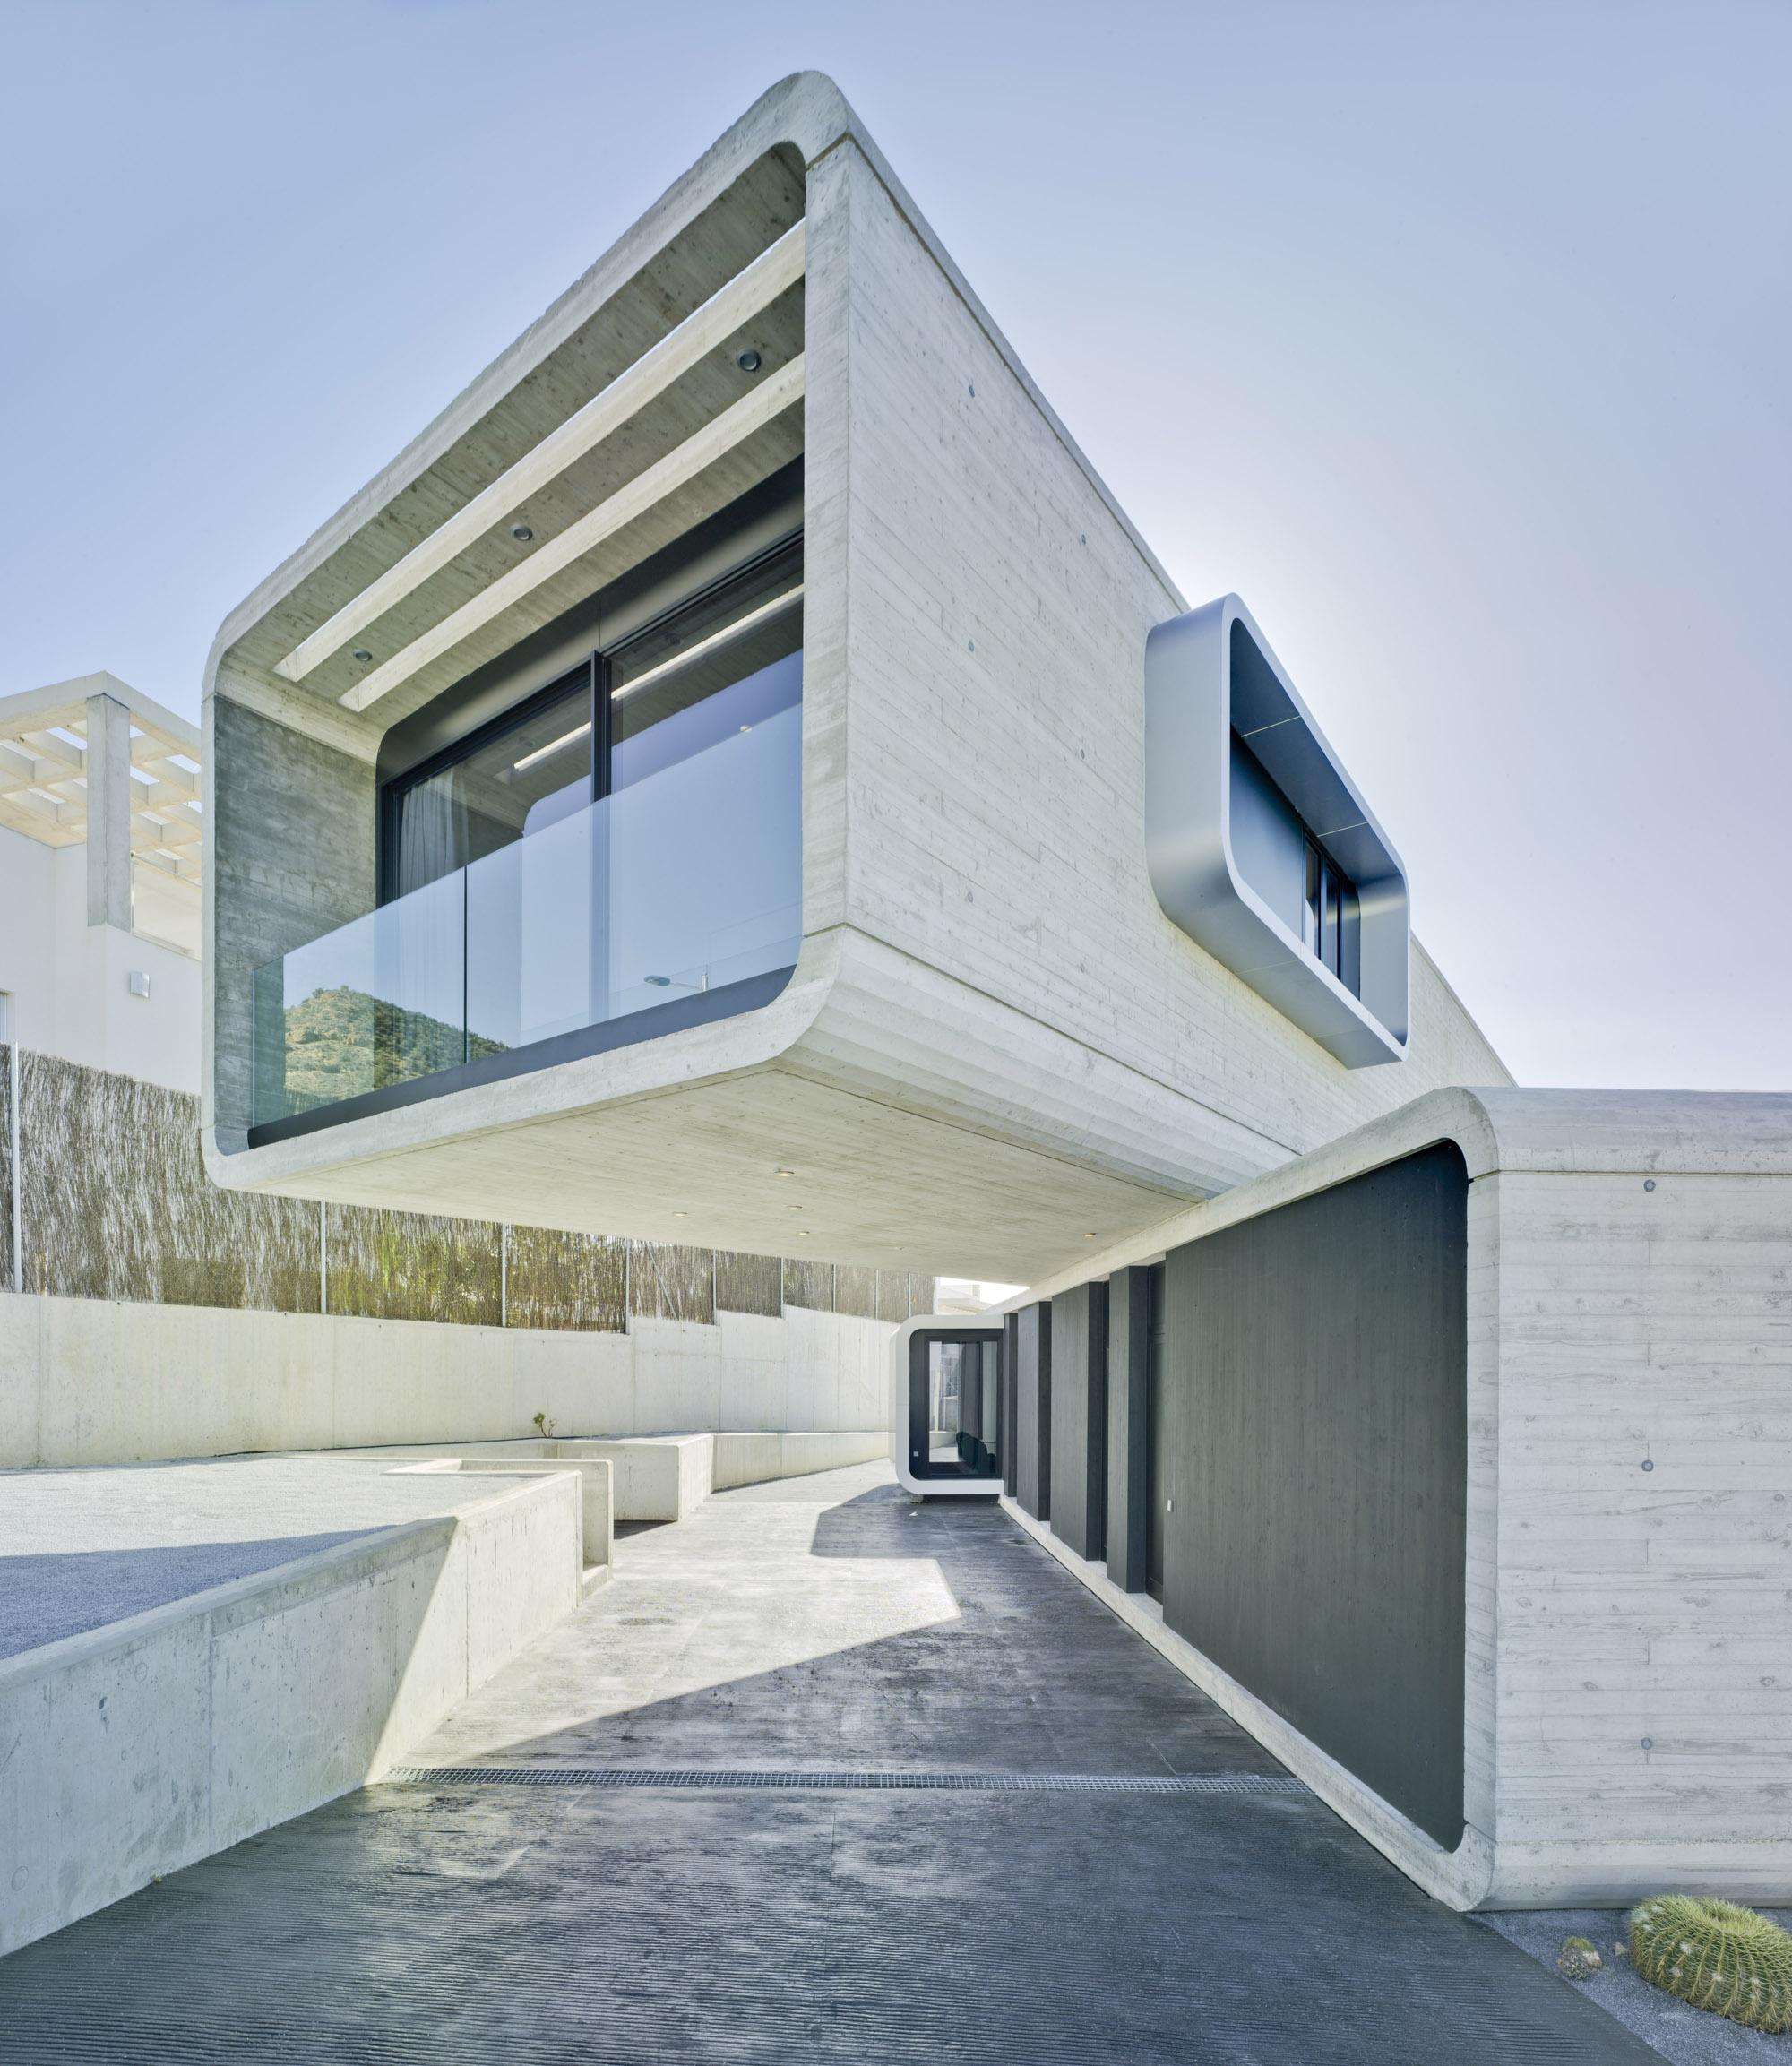 Casa cruzada crossed house clavel arquitectos archello - Clavel arquitectos ...